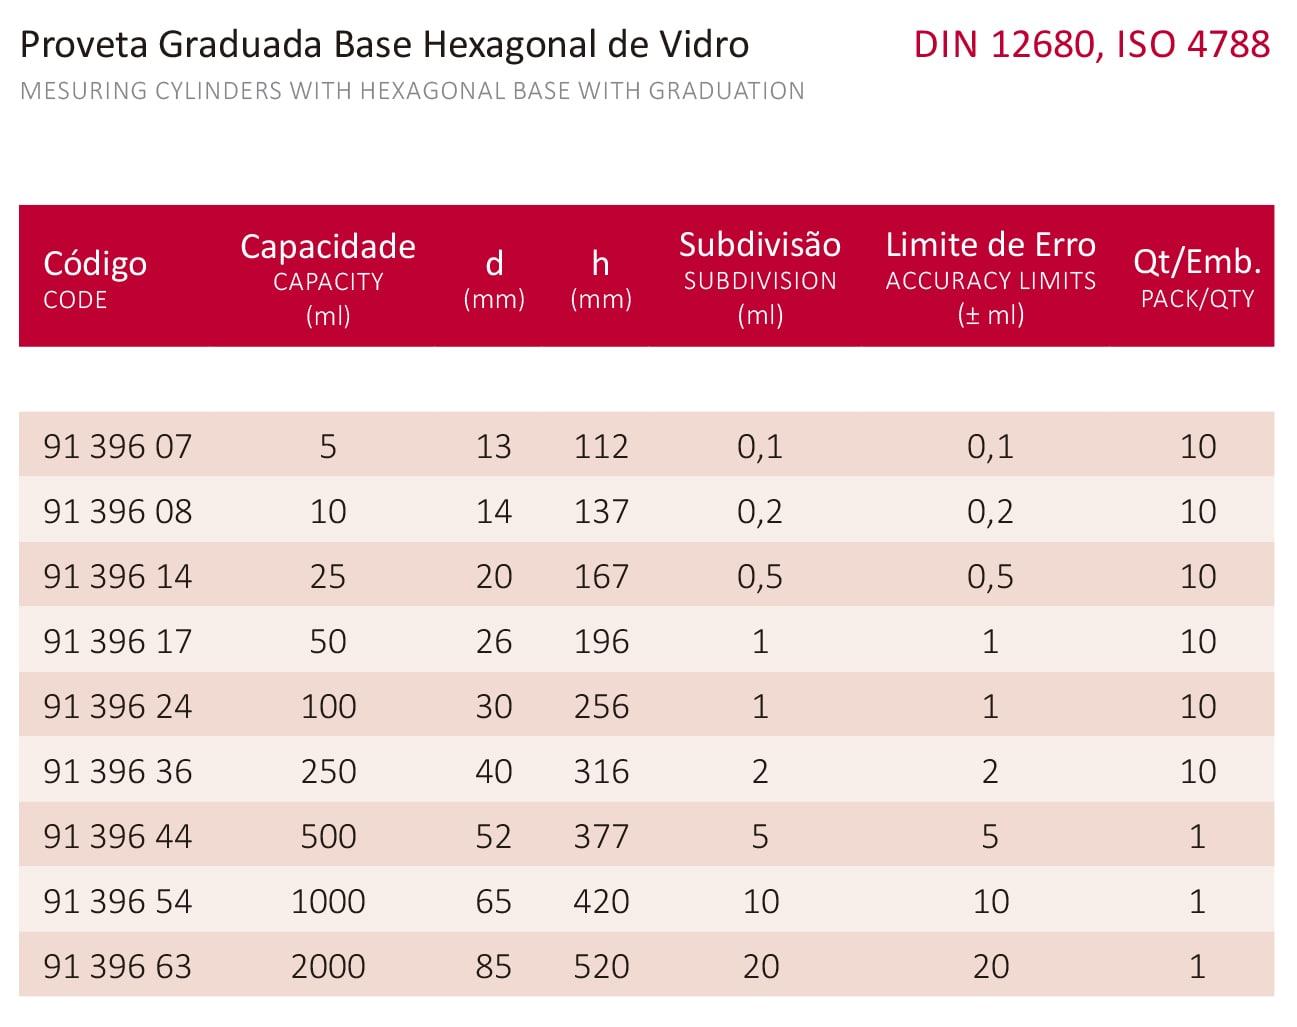 PROVETA GRADUADA BASE HEXAGONAL DE VIDRO 500 ML - Laborglas - Cód. 9139644